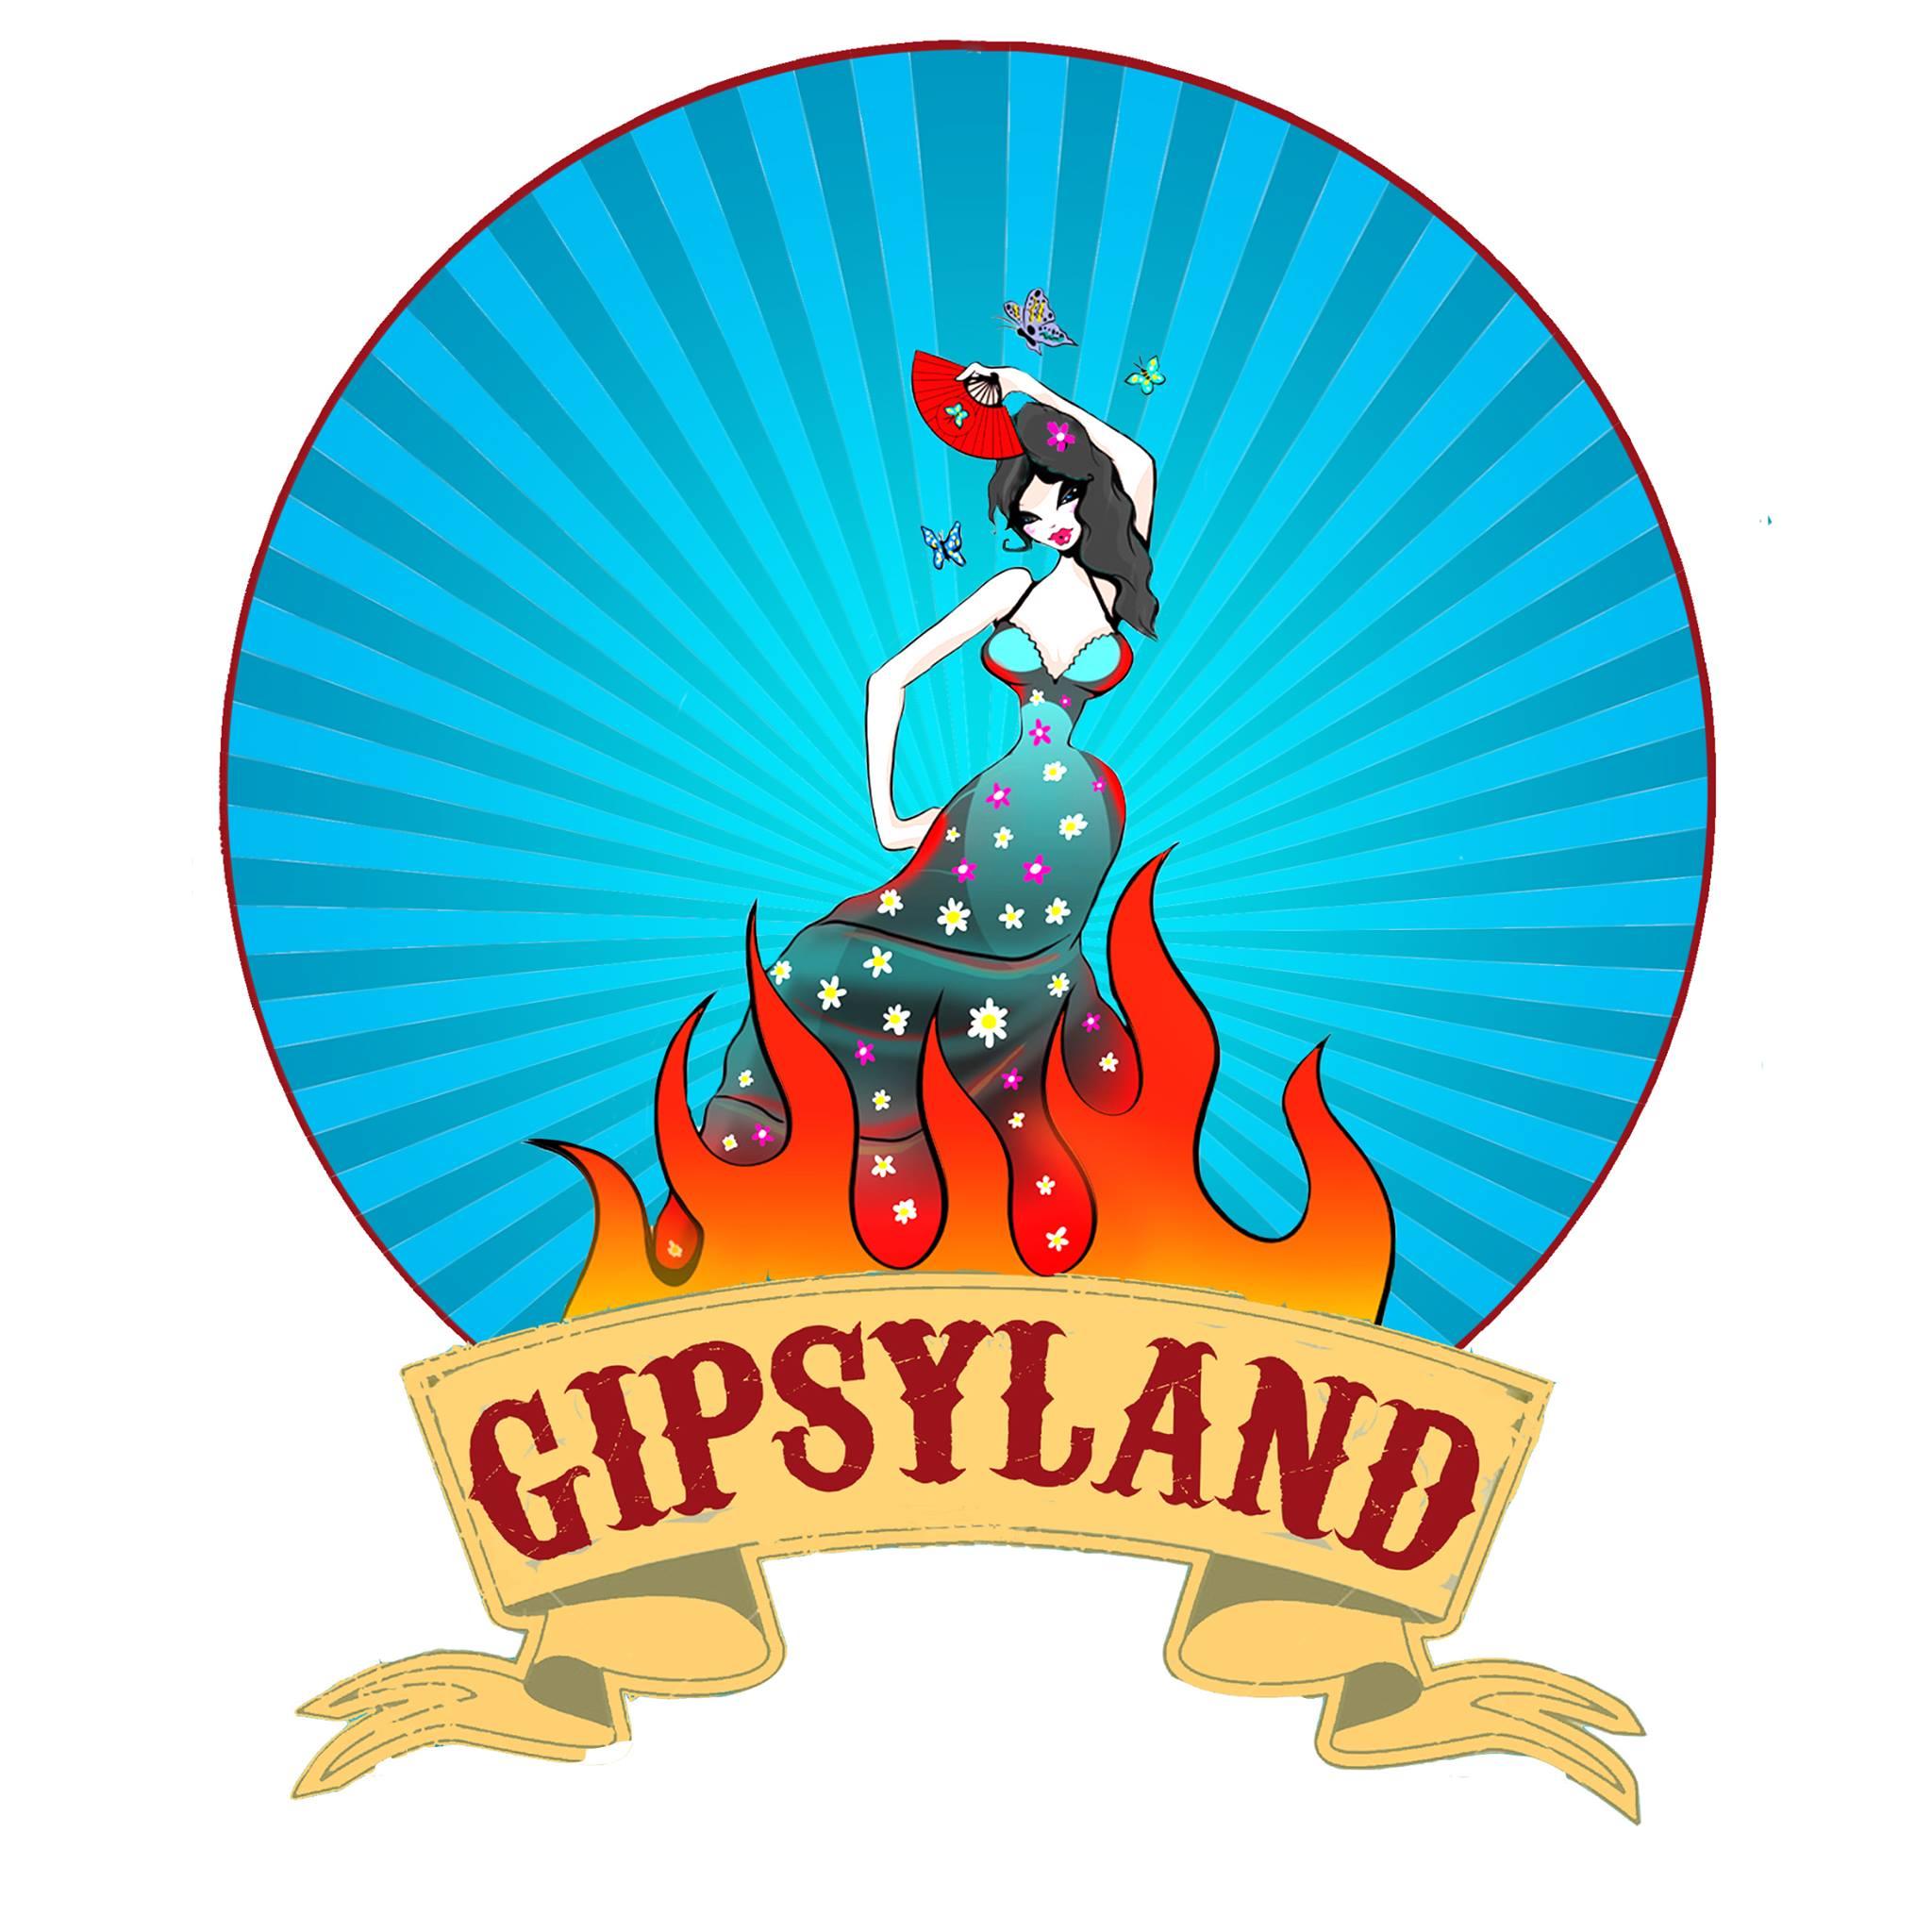 Gipsyland